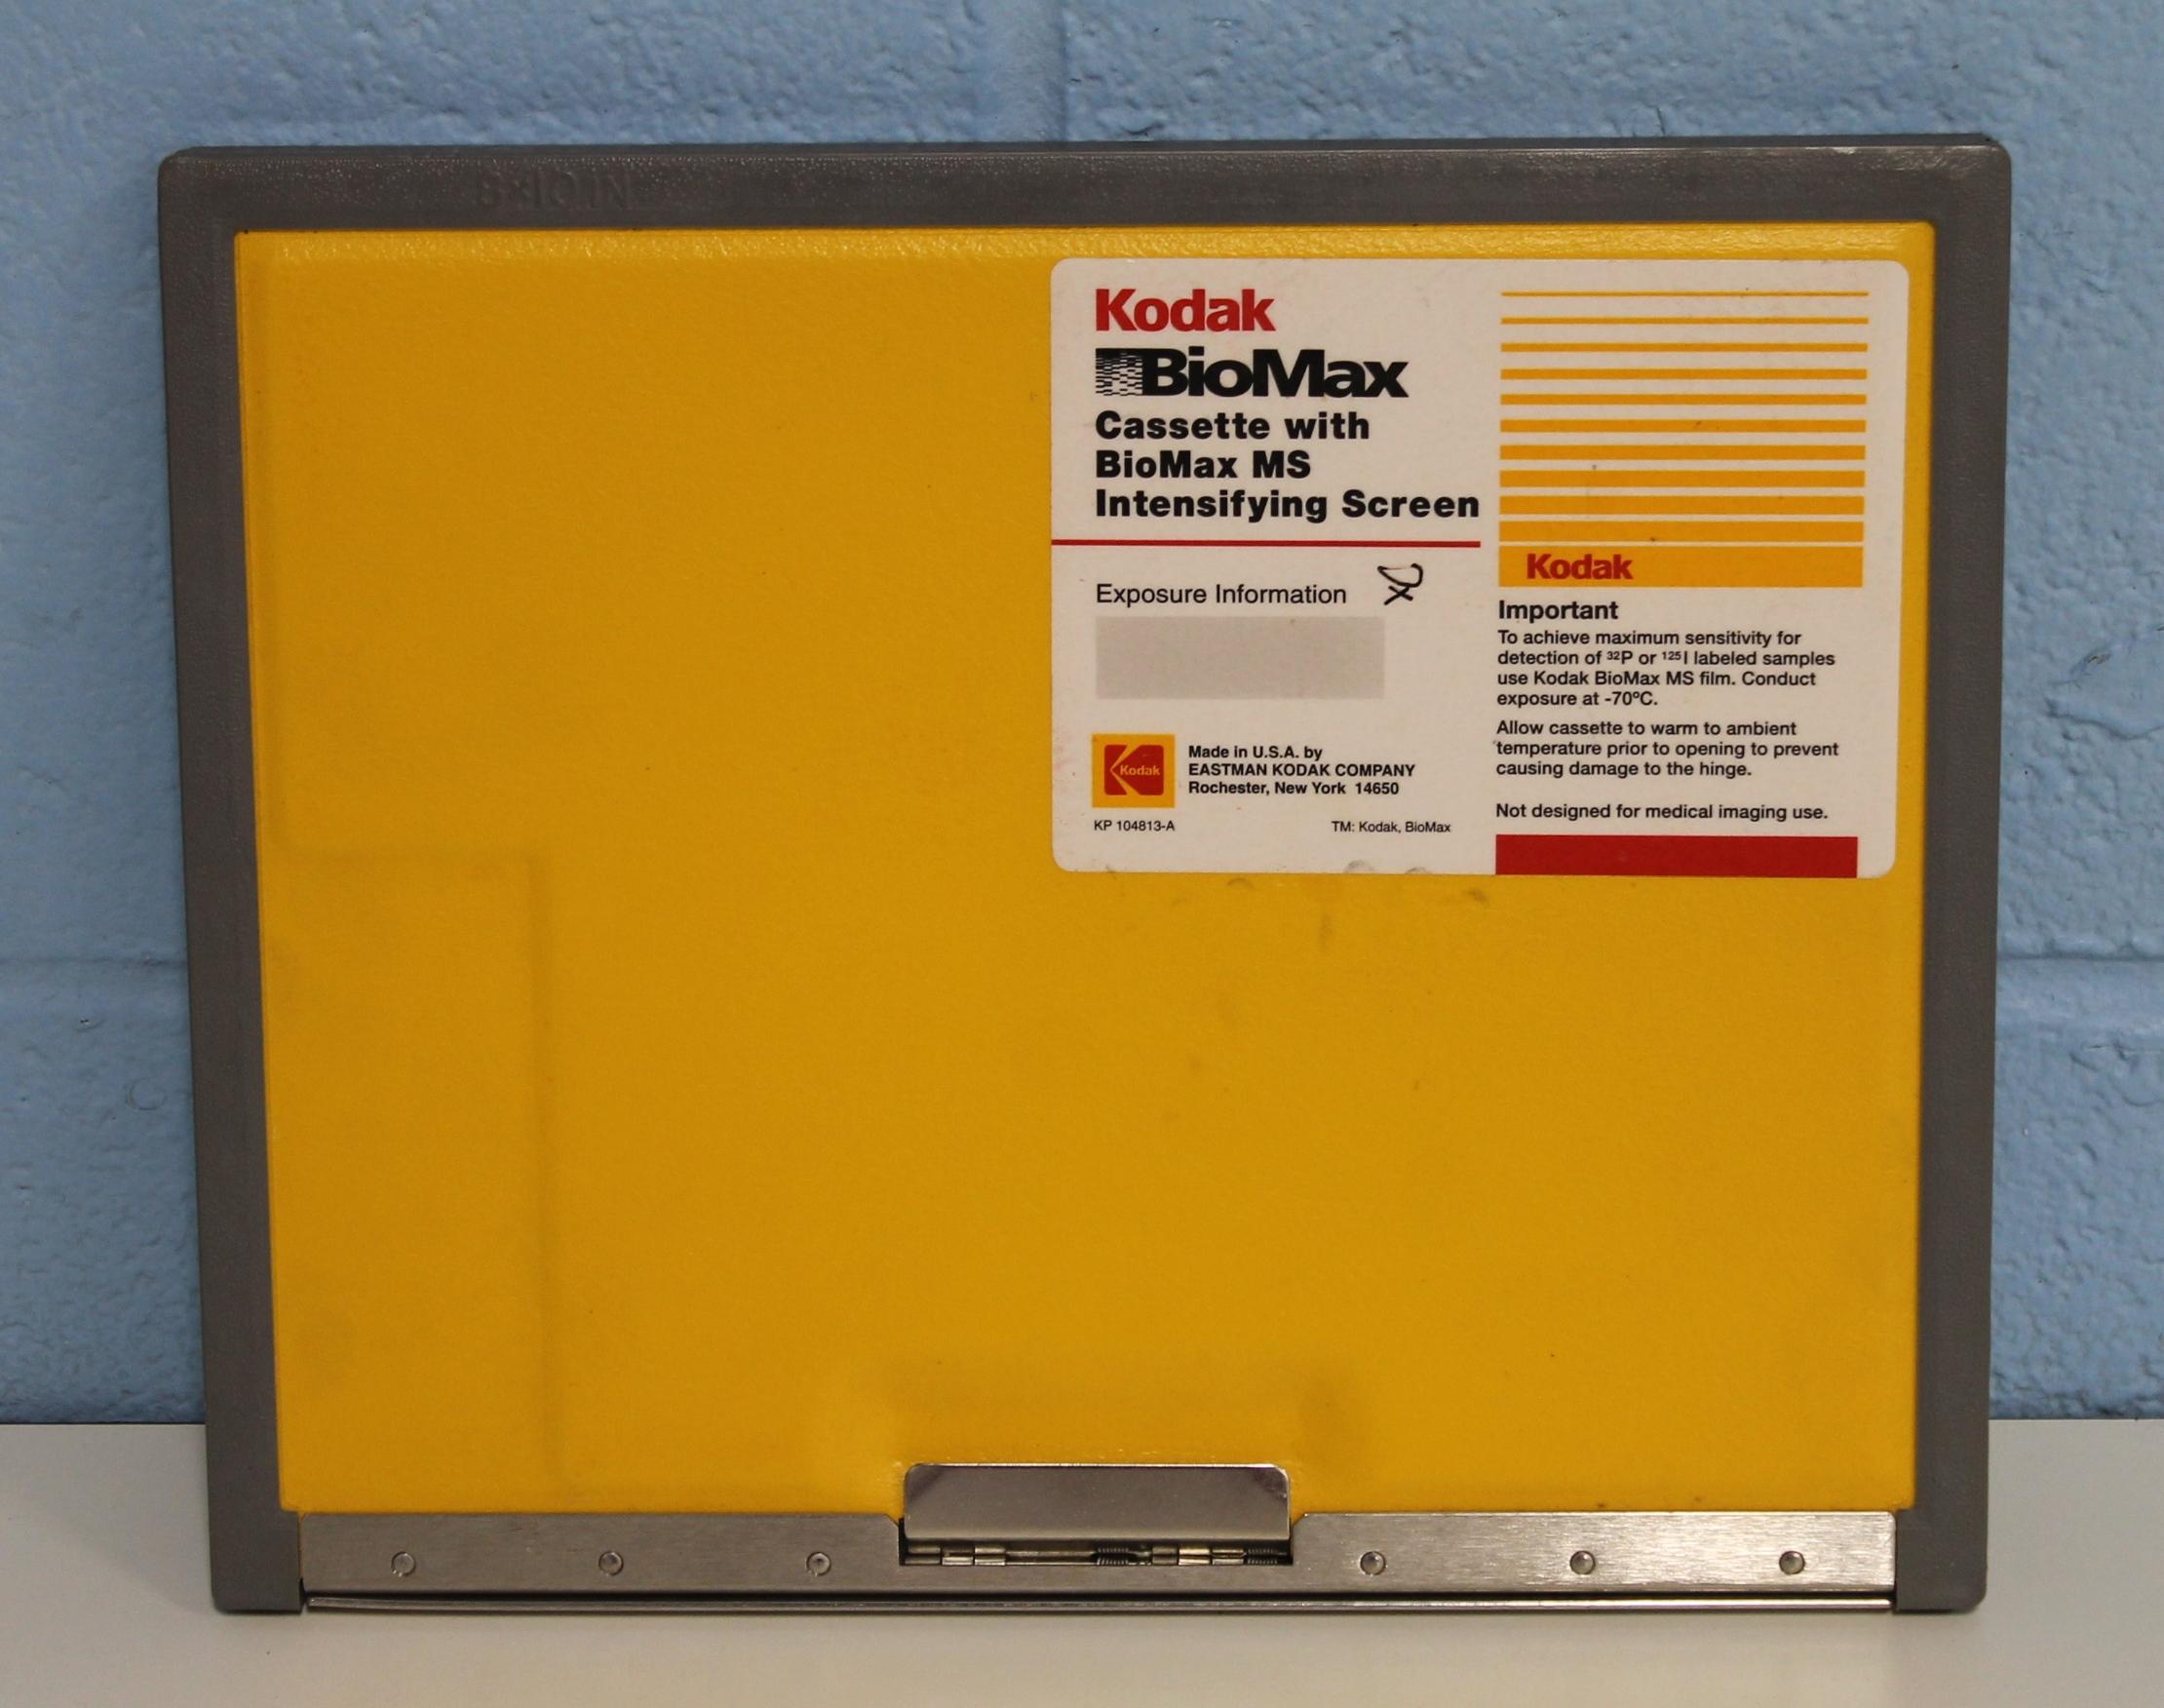 Kodak BioMax MS Intensifying Screen Image